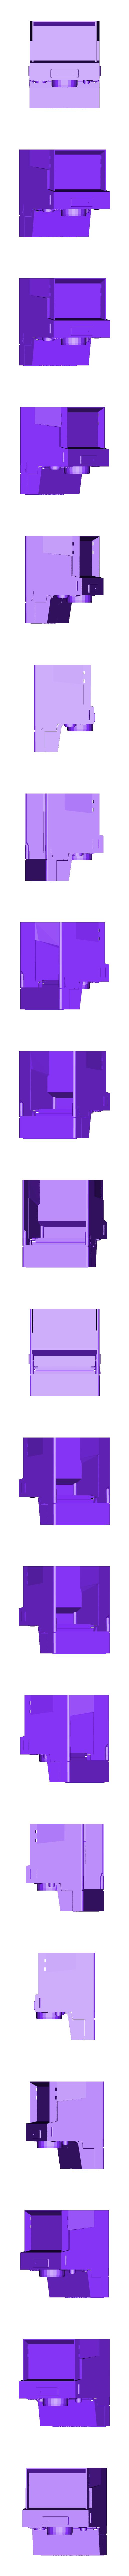 polaroid all part.stl Télécharger fichier STL Porte-papier hygiénique Polaroid (couvercle*) • Design pour impression 3D, M3DLOCKER